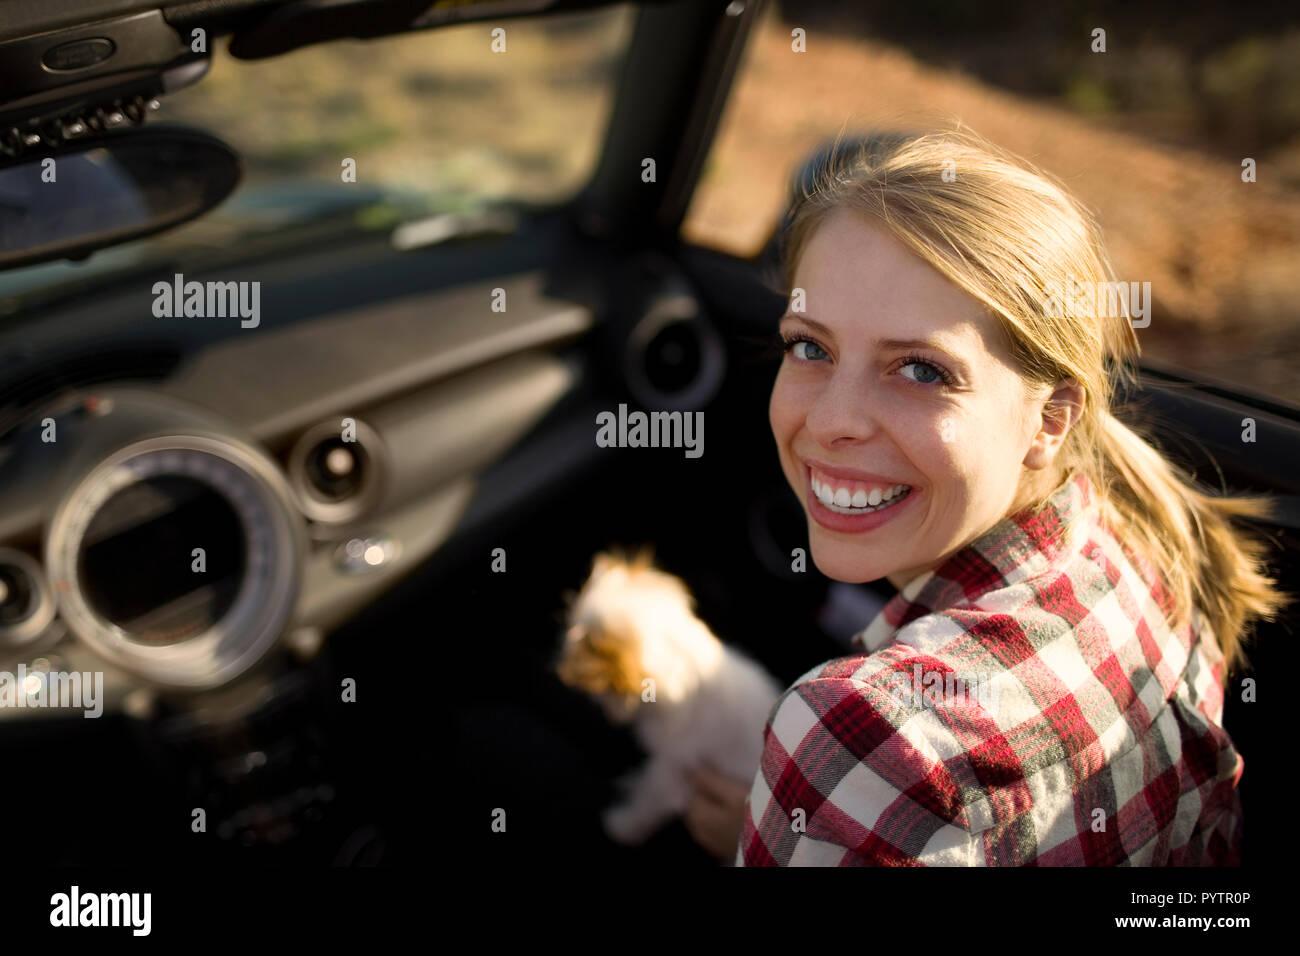 Portrait d'une jeune femme assise dans le siège passager d'une voiture décapotable avec son petit chien. Banque D'Images